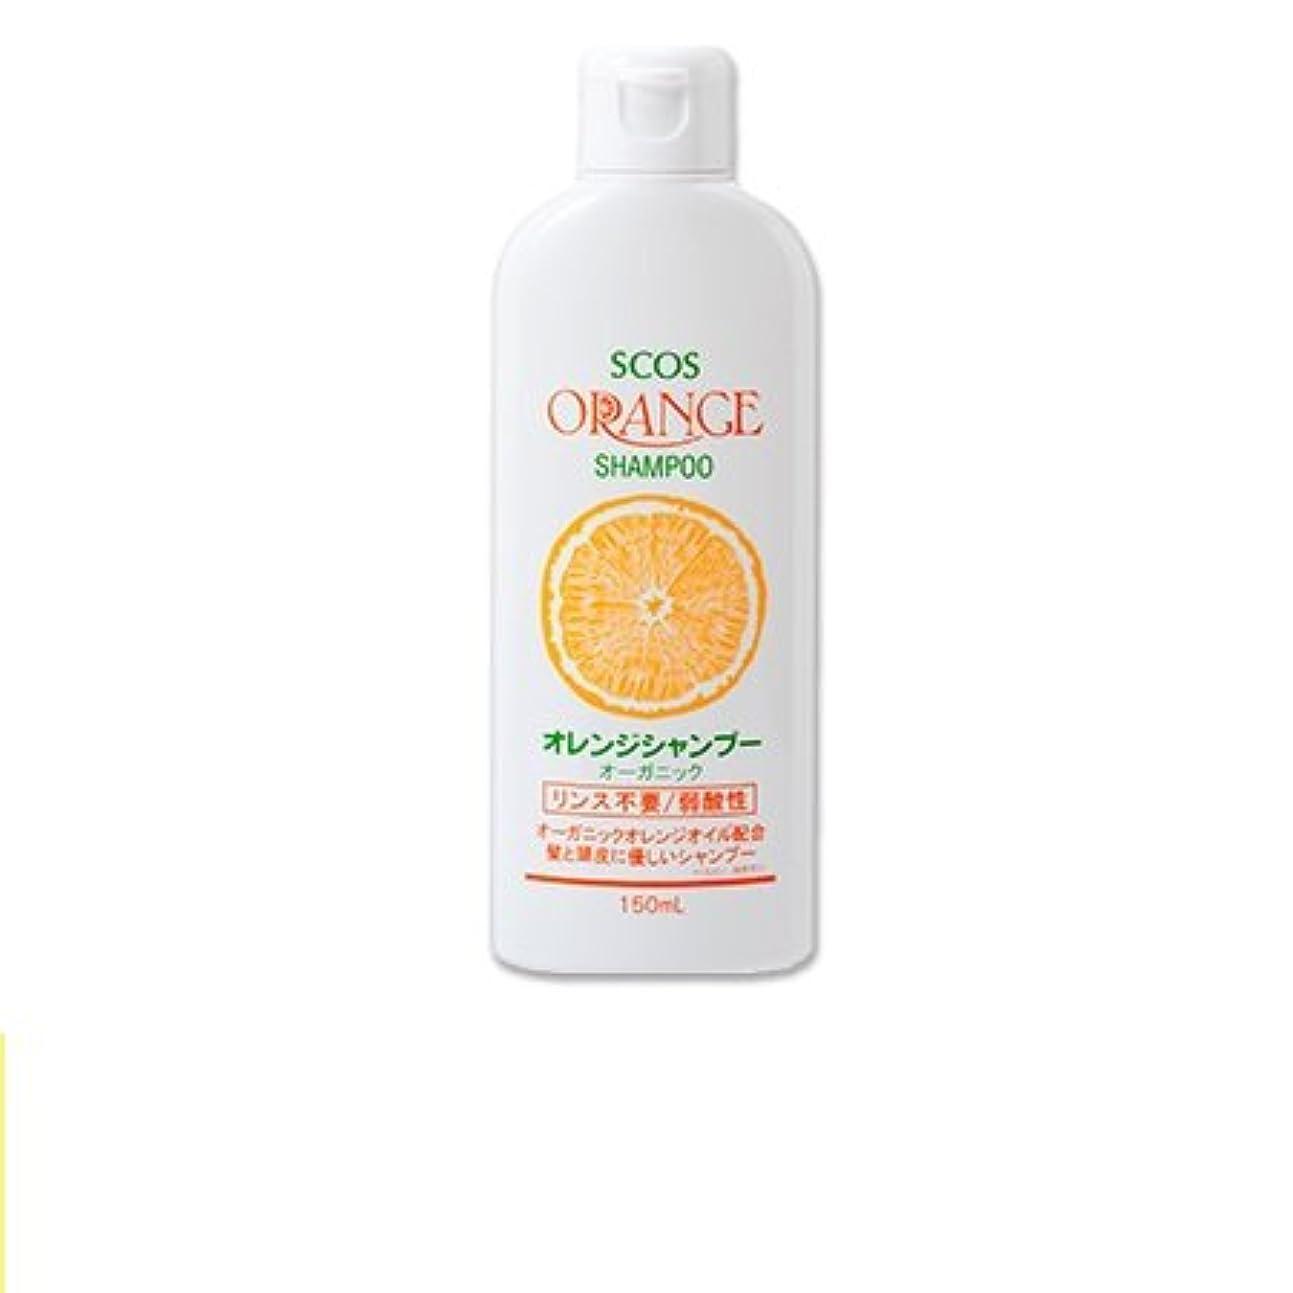 流暢飼い慣らすアパルエスコス オレンジシャンプーオーガニック (150ml)